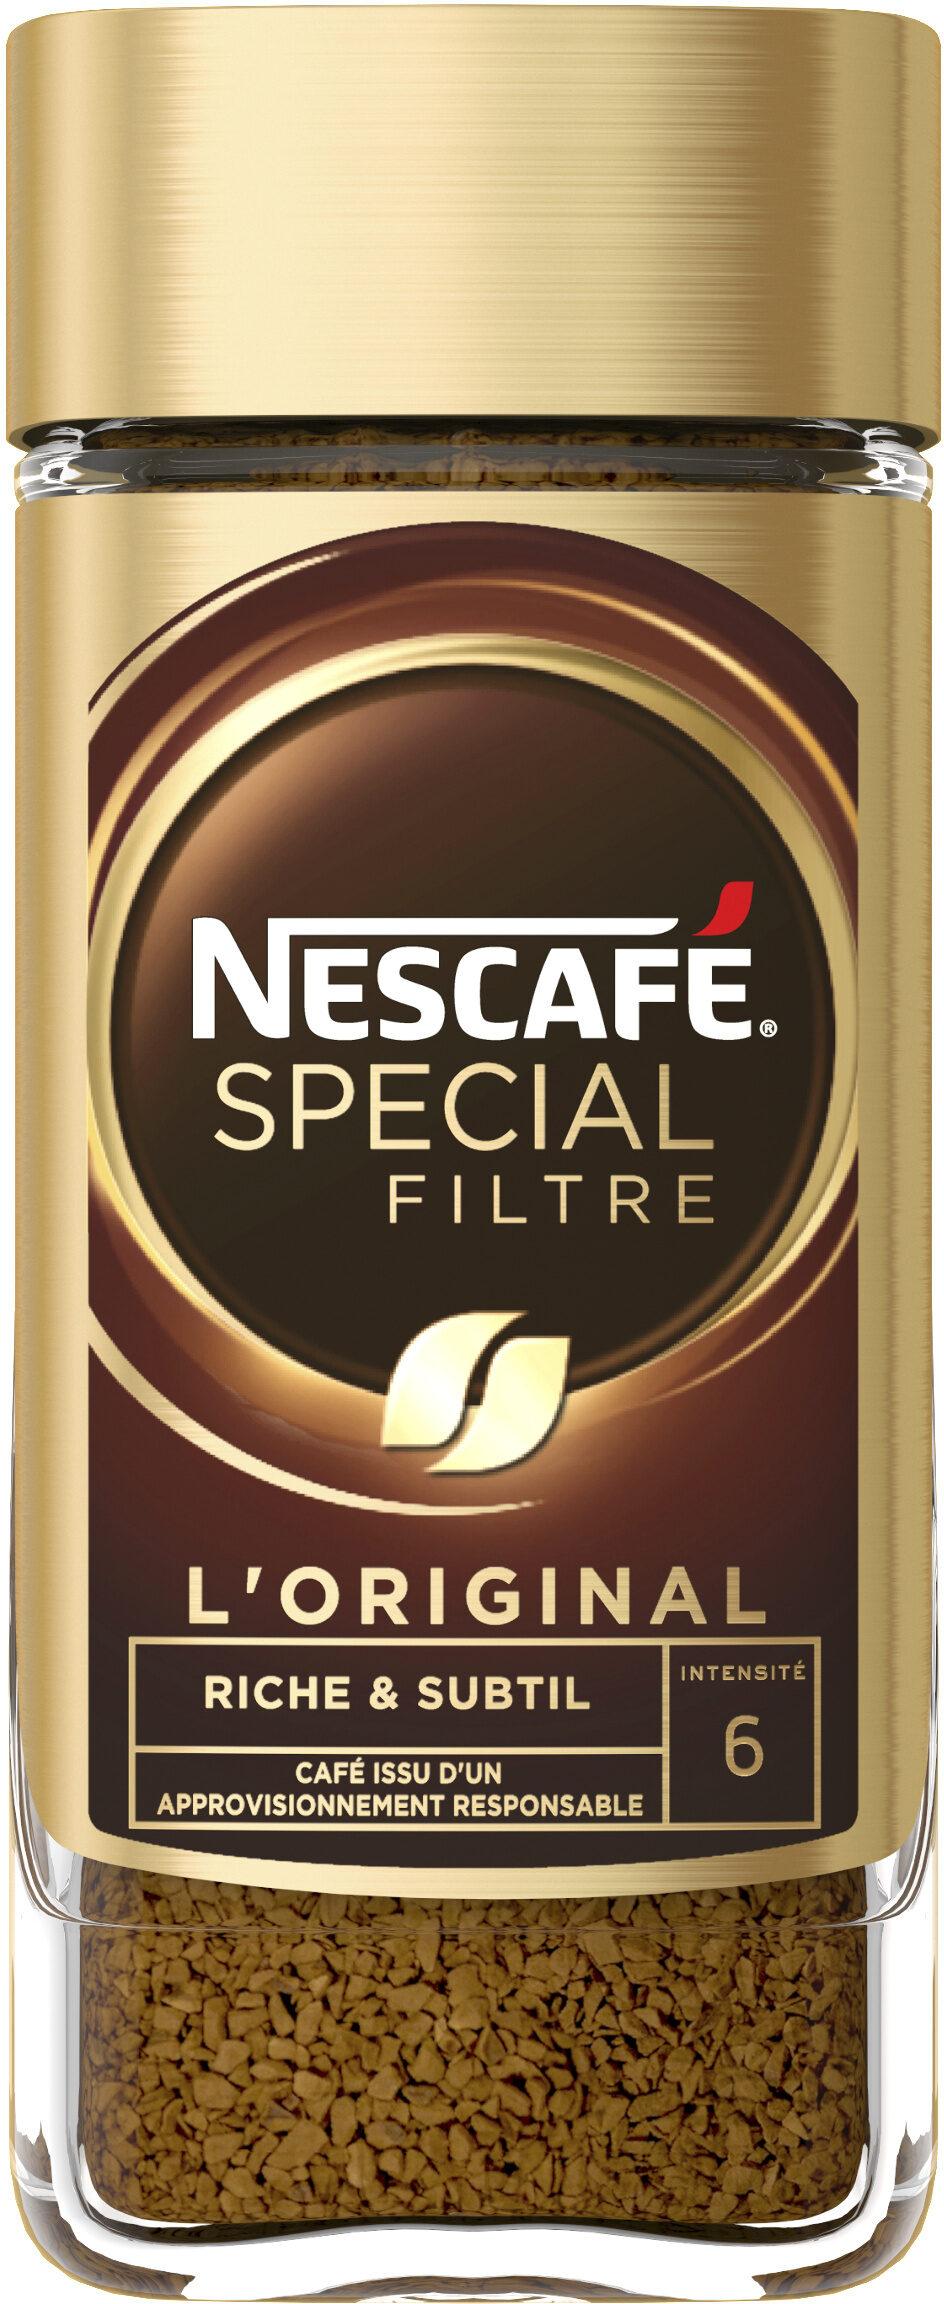 SPECIAL FILTRE L'Original - Product - fr